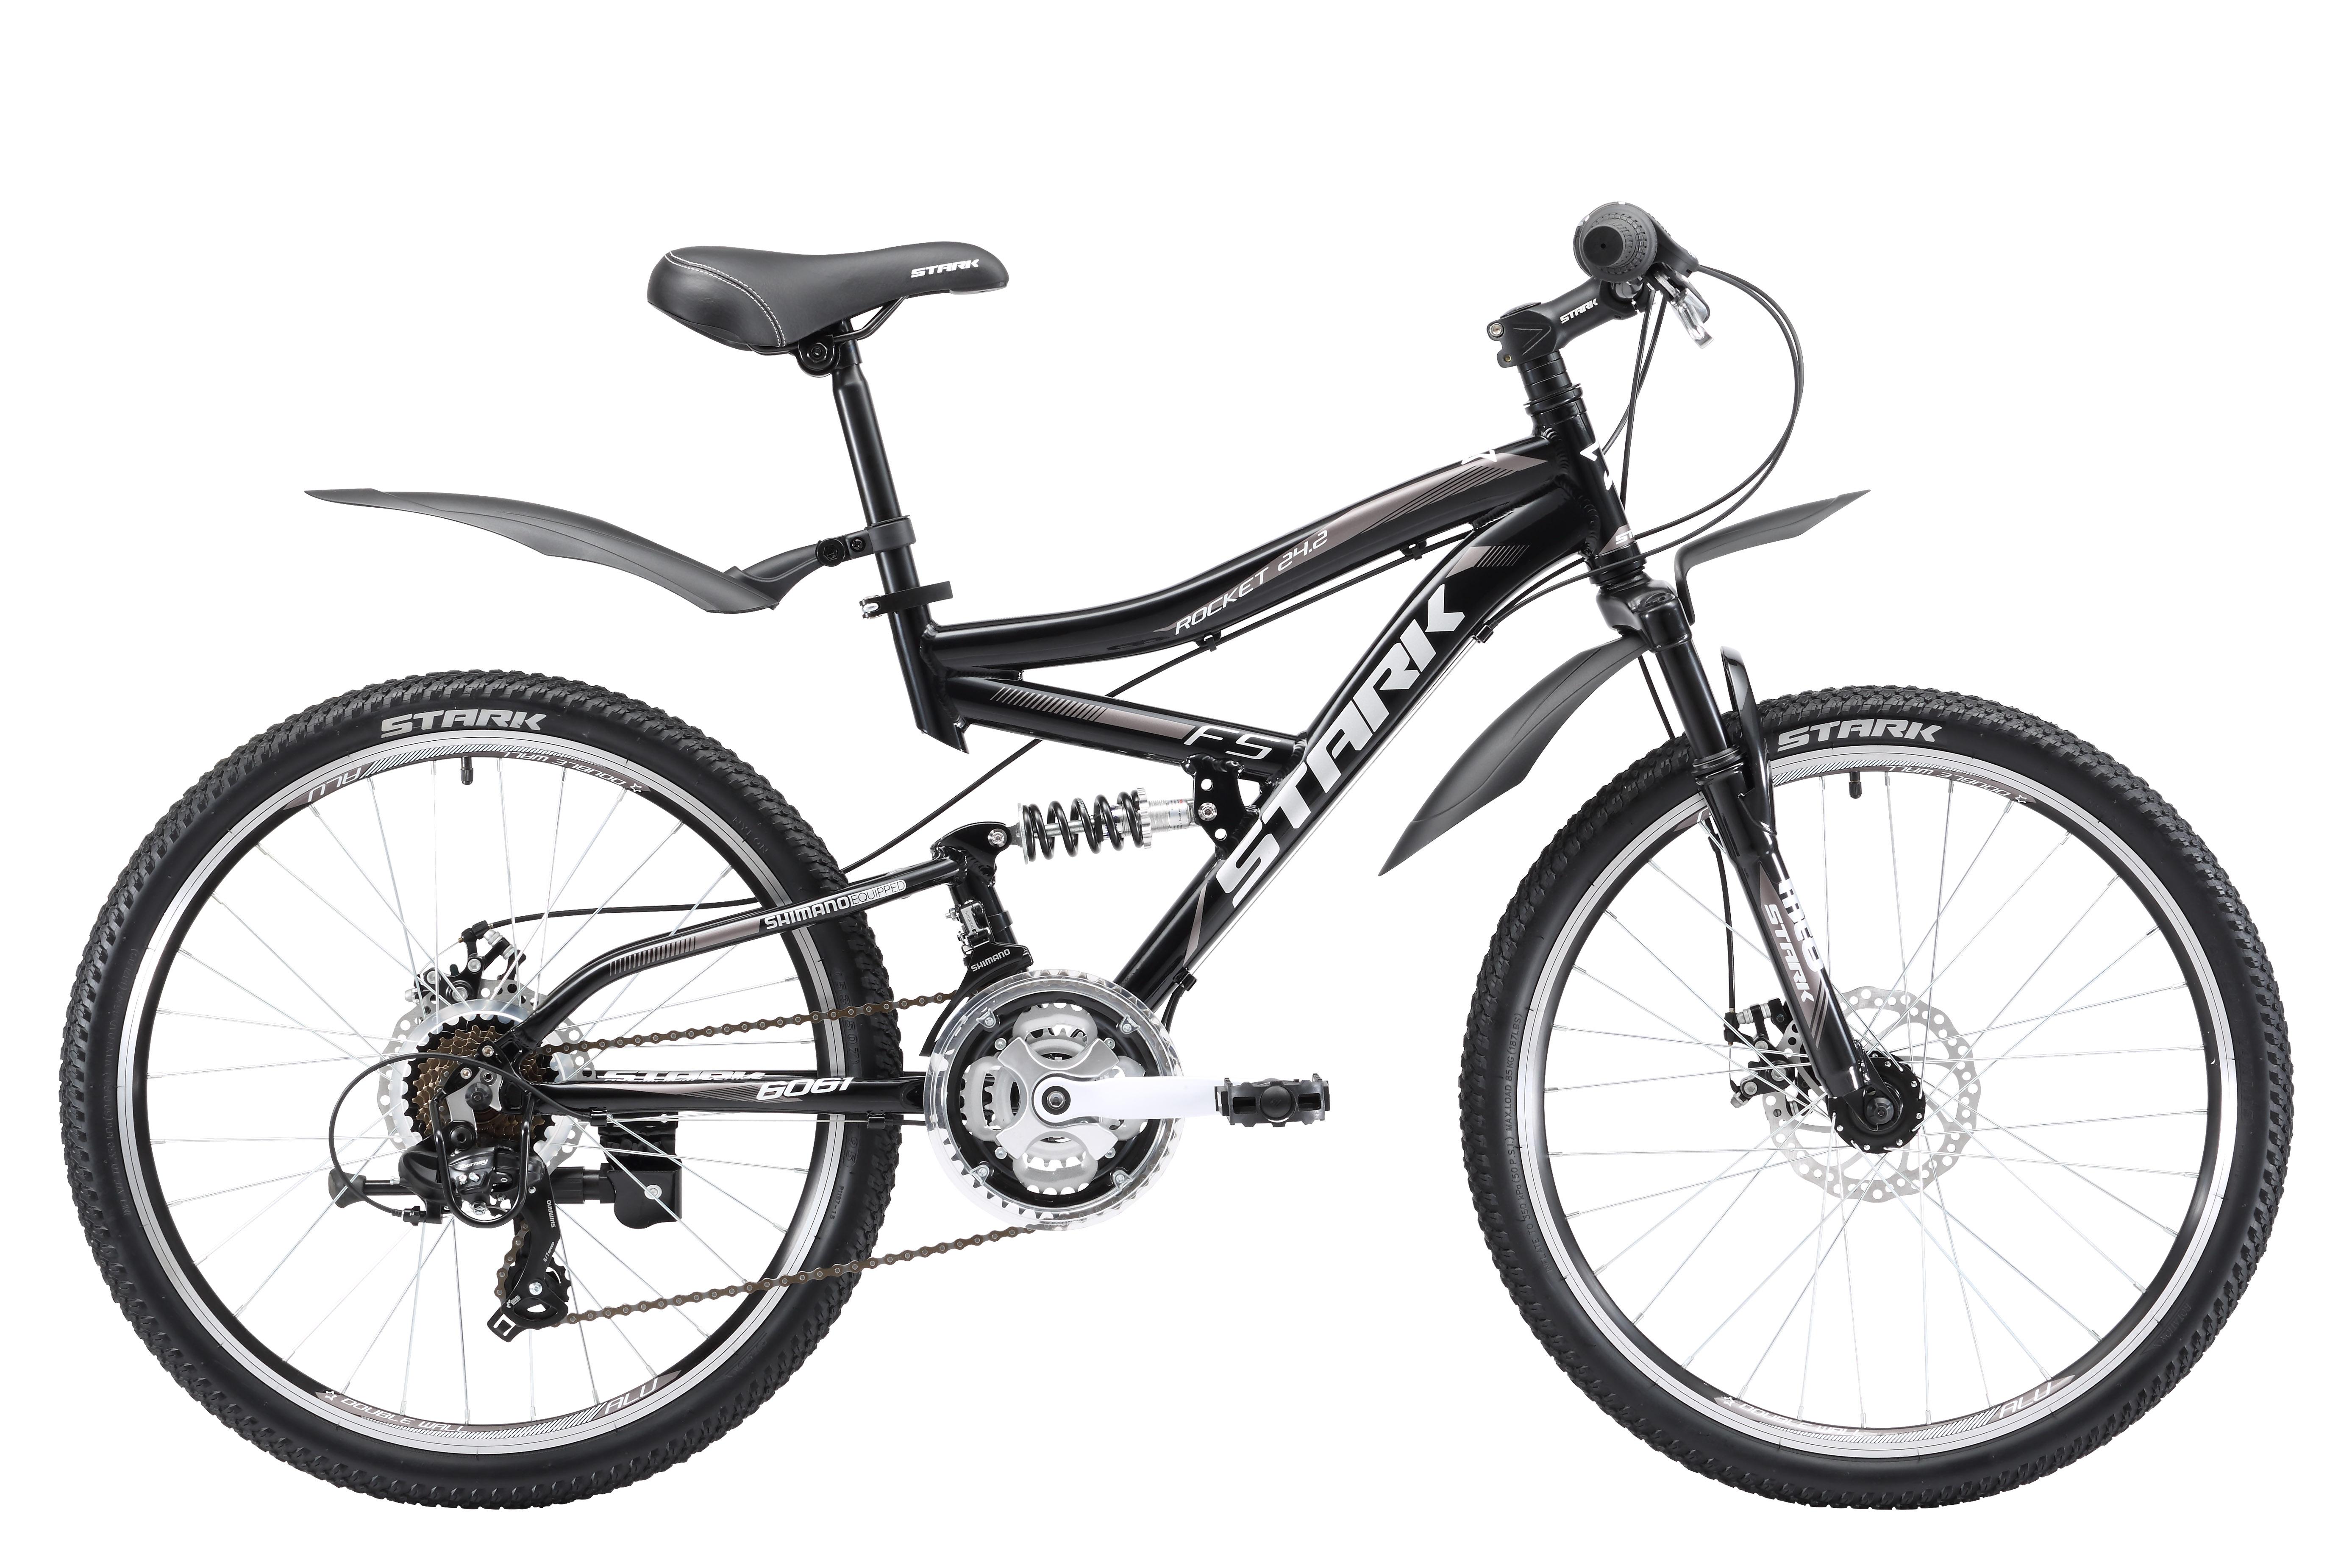 Купить Велосипед Stark Rocket 24.2 FS D 2017 Черно-Серый, Подростковые велосипеды, 1317862